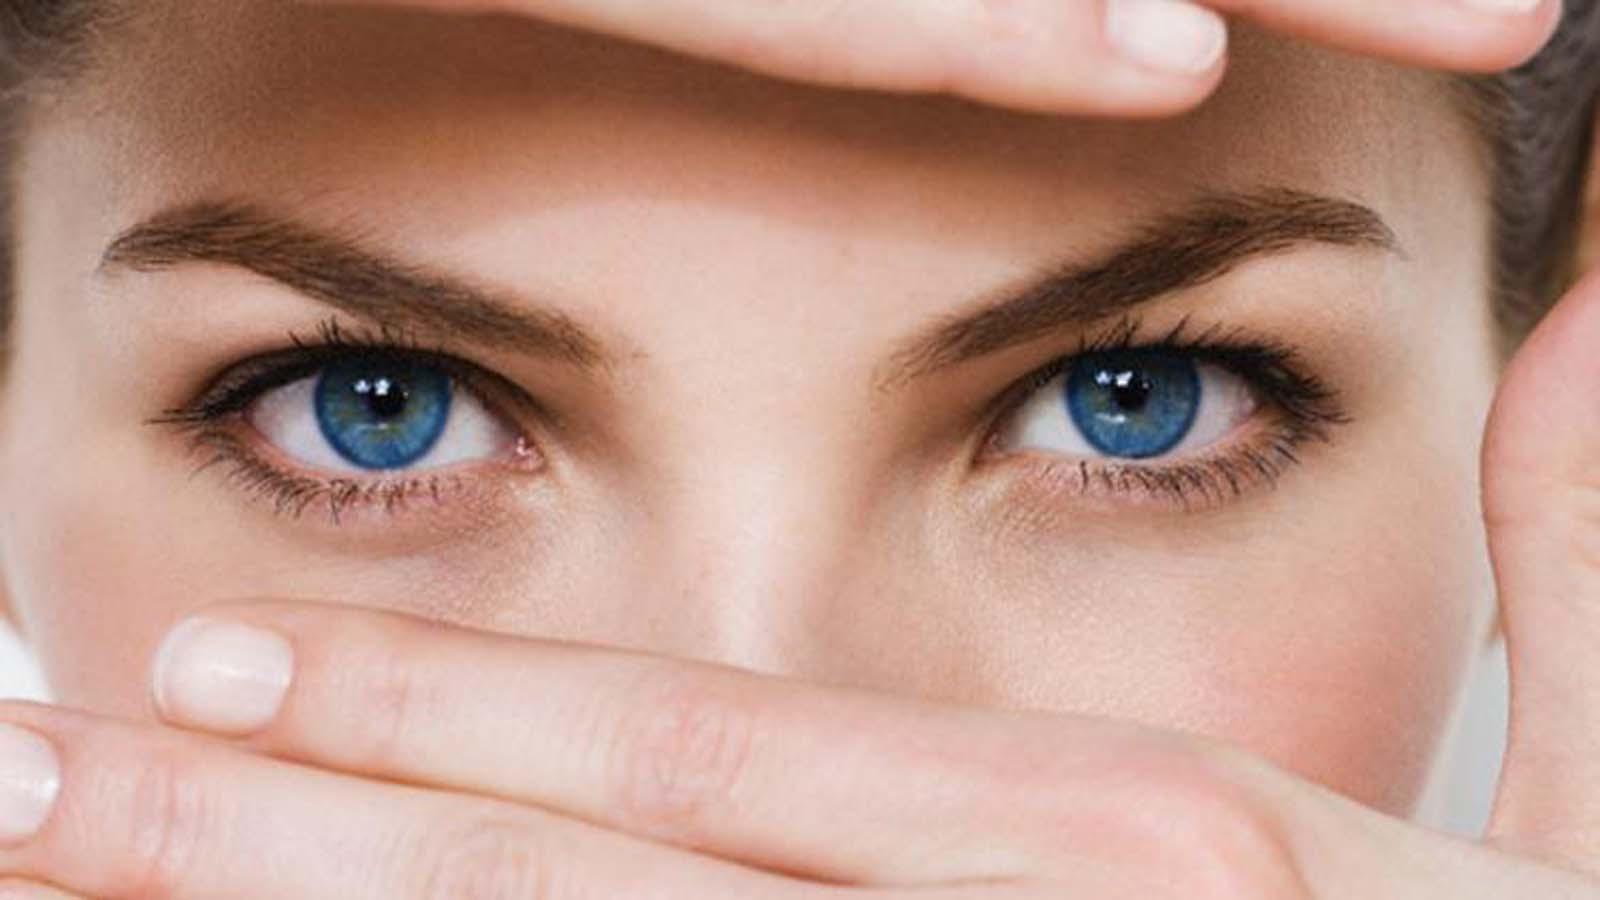 Göz Sağlığınız İçin Bu Vitaminler Şart